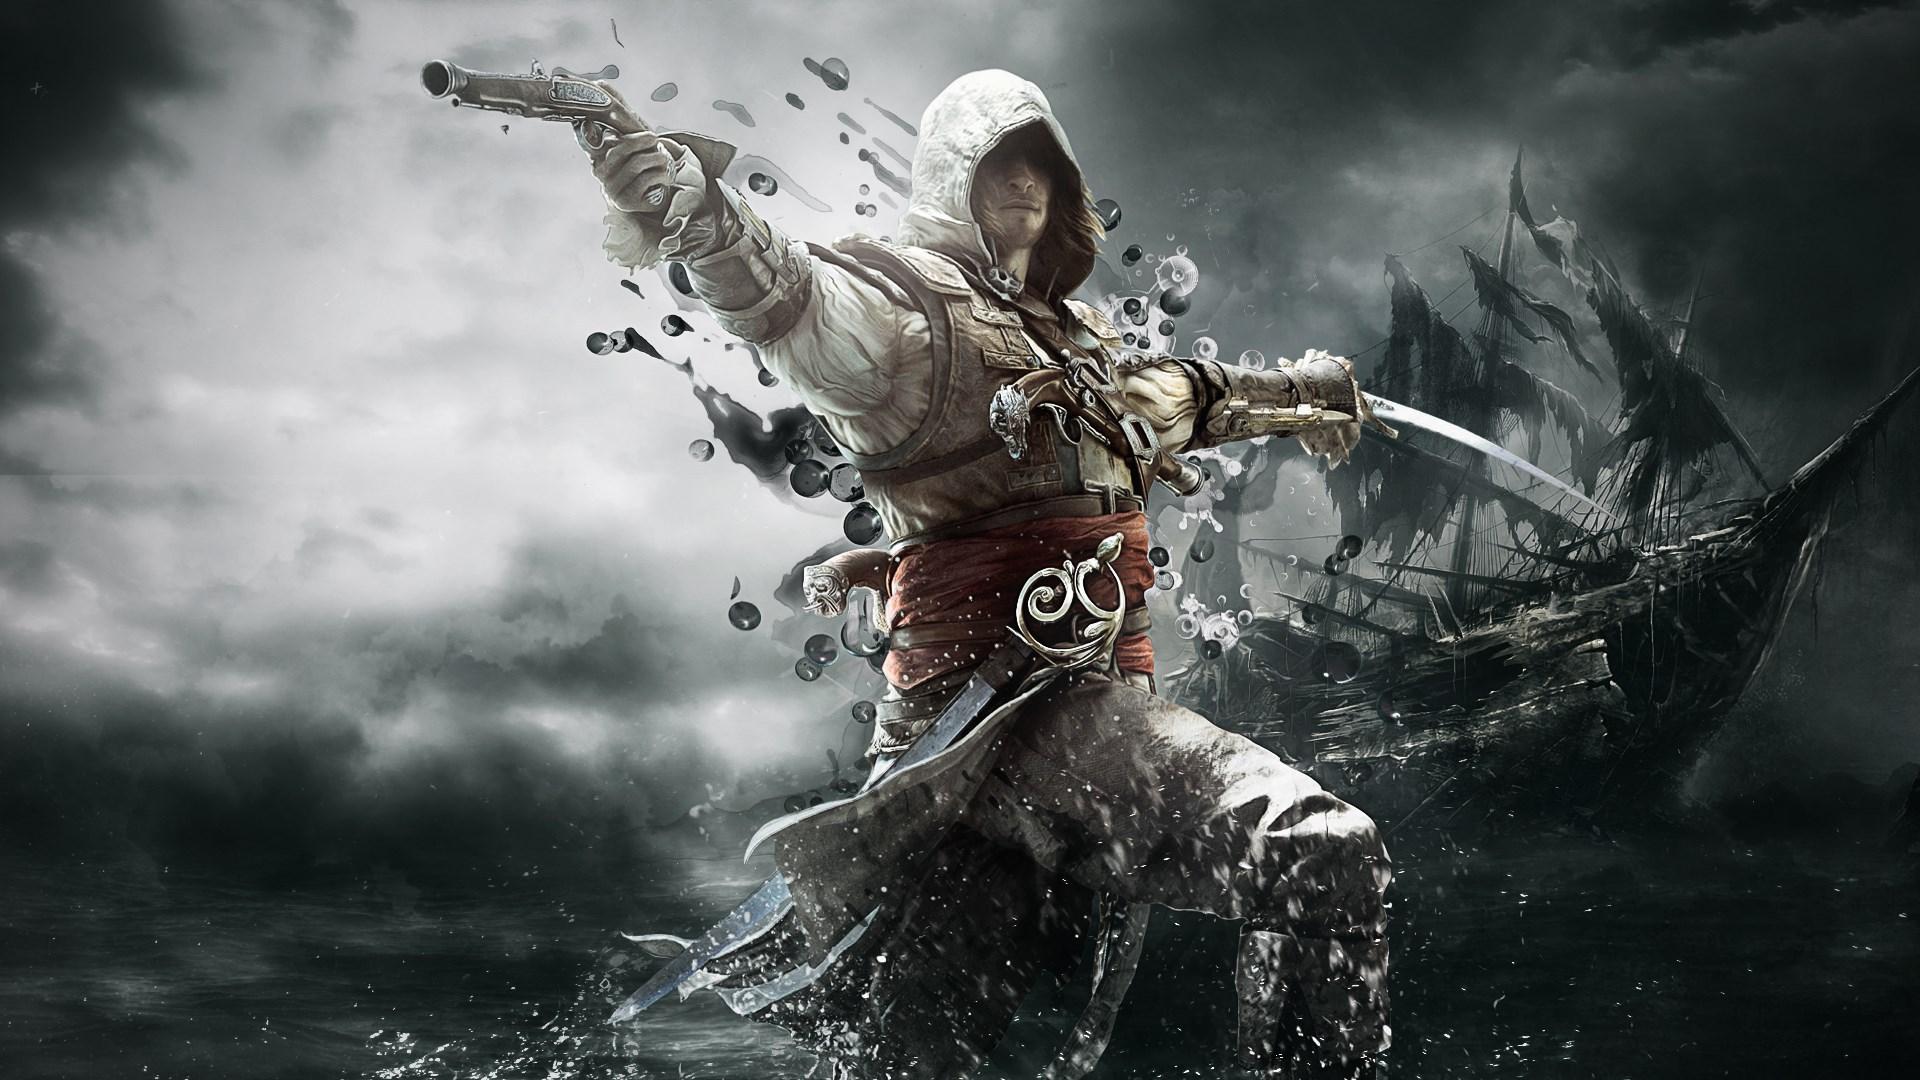 Fond d 39 cran du jeu assassin 39 s creed iv black flag for Fond ecran ps3